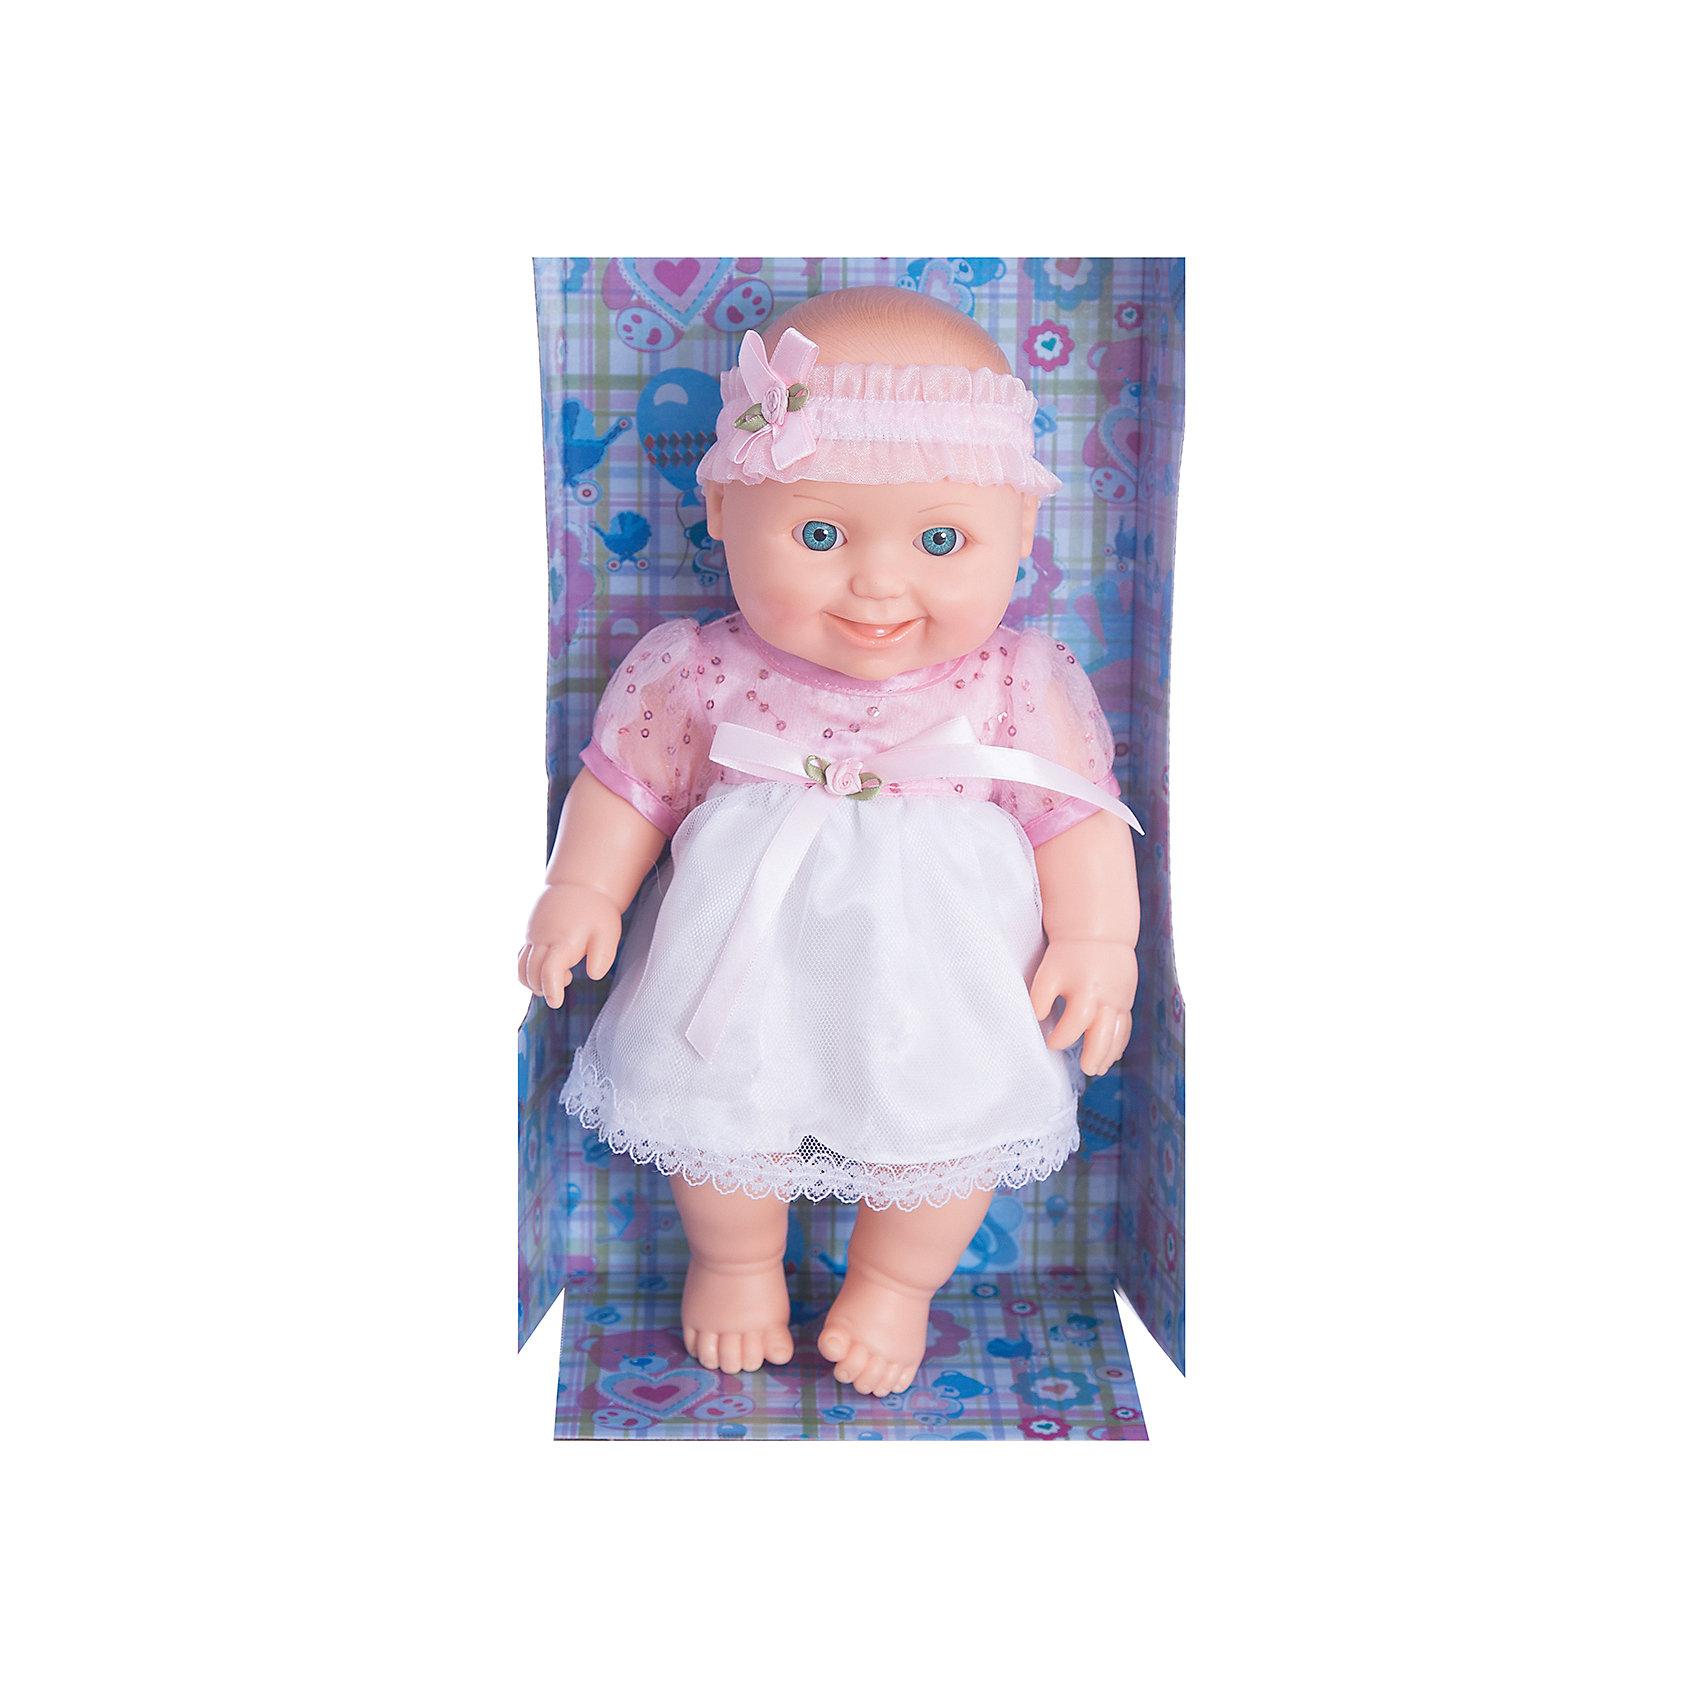 Кукла Малышка 10, пластмассовая, 31 см, ВеснаКлассические куклы<br>Игрушки от компании Весна - это простой способ порадовать ребенка! Кукла для девочки - это не только игрушка, с которой можно весело провести время, кукла - это возможность отрабатывать навыки поведения в обществе, учиться заботе о других, делать прически и одеваться согласно моде и поводу.<br>Эта красивая кукла-пупс только симпатично выглядит, она дополнена модным нарядом! У нее двигаются руки и ноги. Такая кукла запросто может стать самой любимой игрушкой! Произведена из безопасных для ребенка и качественных материалов.<br><br>Дополнительная информация:<br><br>цвет: разноцветный;<br>материал: пластик, текстиль;<br>комплектация: кукла, одежда;<br>высота: 31 см.<br><br>Куклу Малышка 10, пластмассовая, 31 см, от компании Весна можно купить в нашем магазине.<br><br>Ширина мм: 335<br>Глубина мм: 350<br>Высота мм: 205<br>Вес г: 460<br>Возраст от месяцев: 36<br>Возраст до месяцев: 120<br>Пол: Женский<br>Возраст: Детский<br>SKU: 4642027